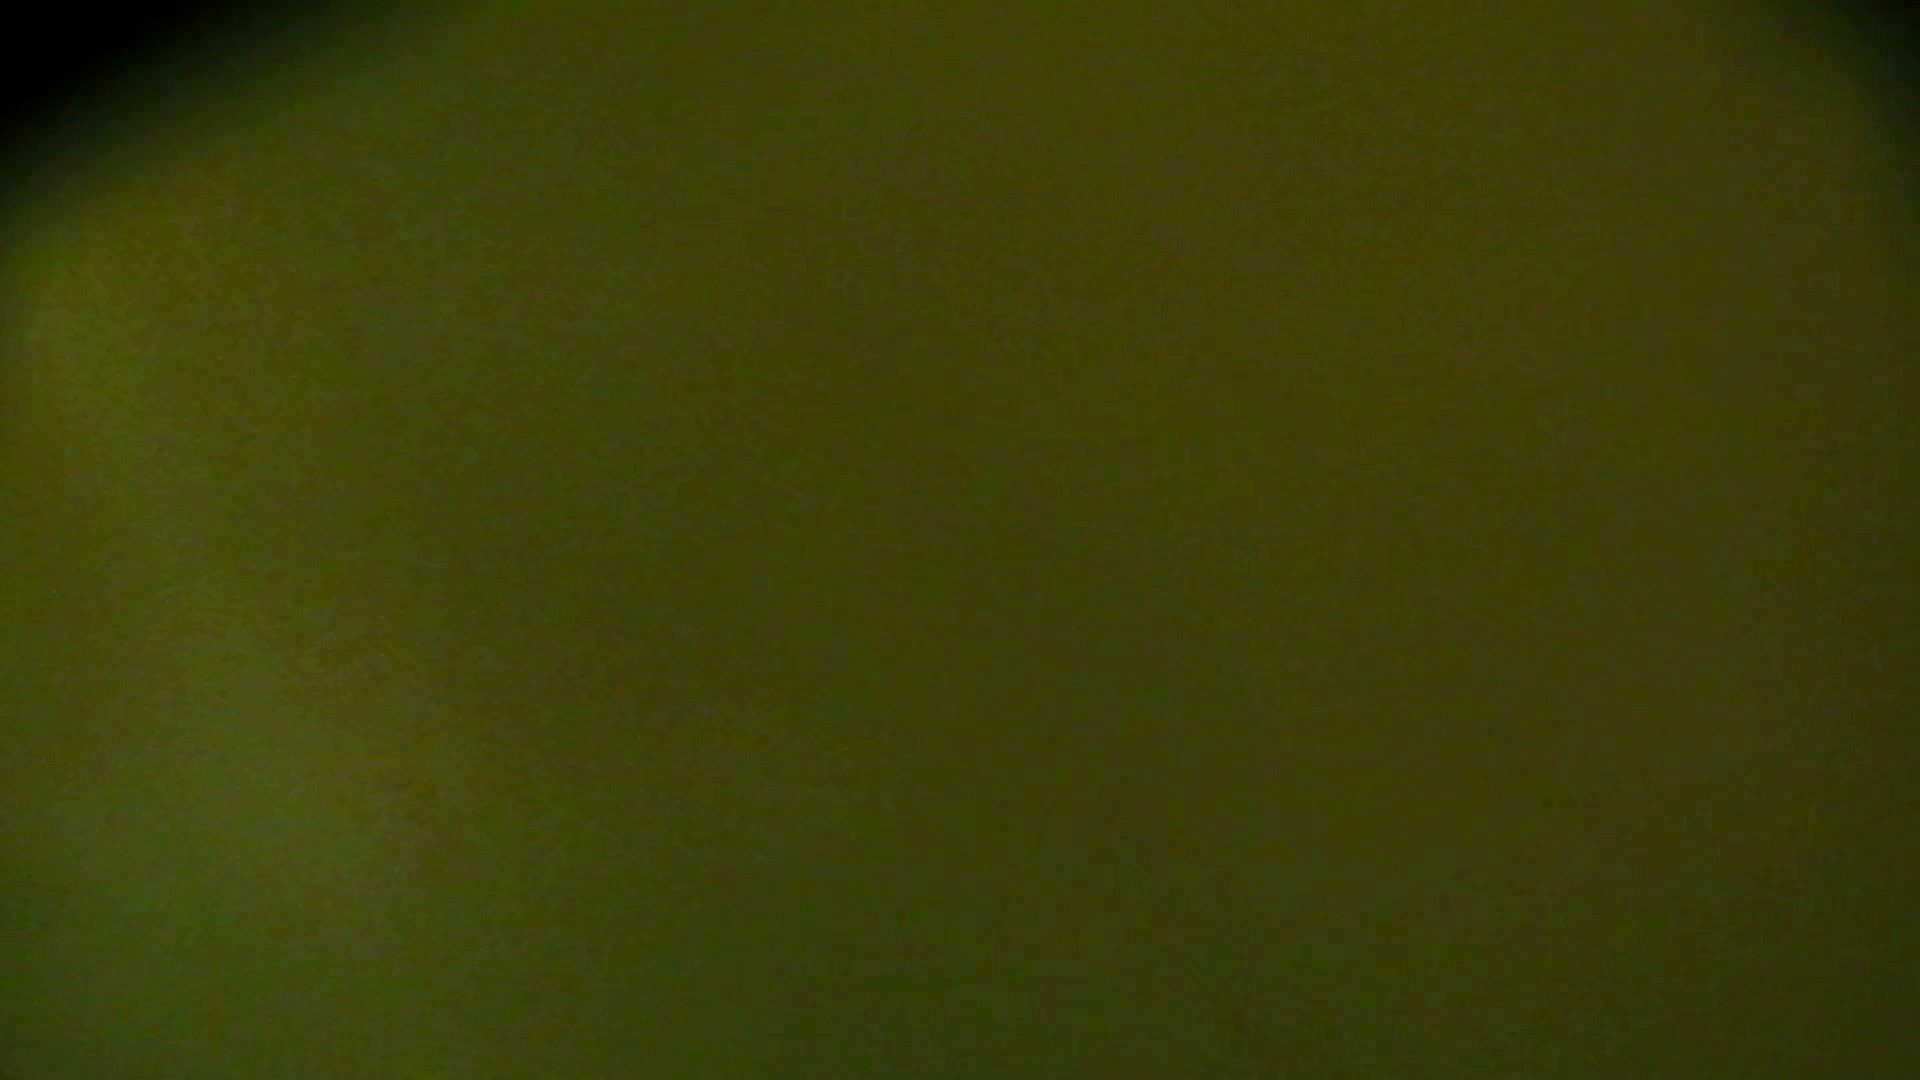 阿国ちゃんの「和式洋式七変化」No.14 和式   お姉さん  79画像 78